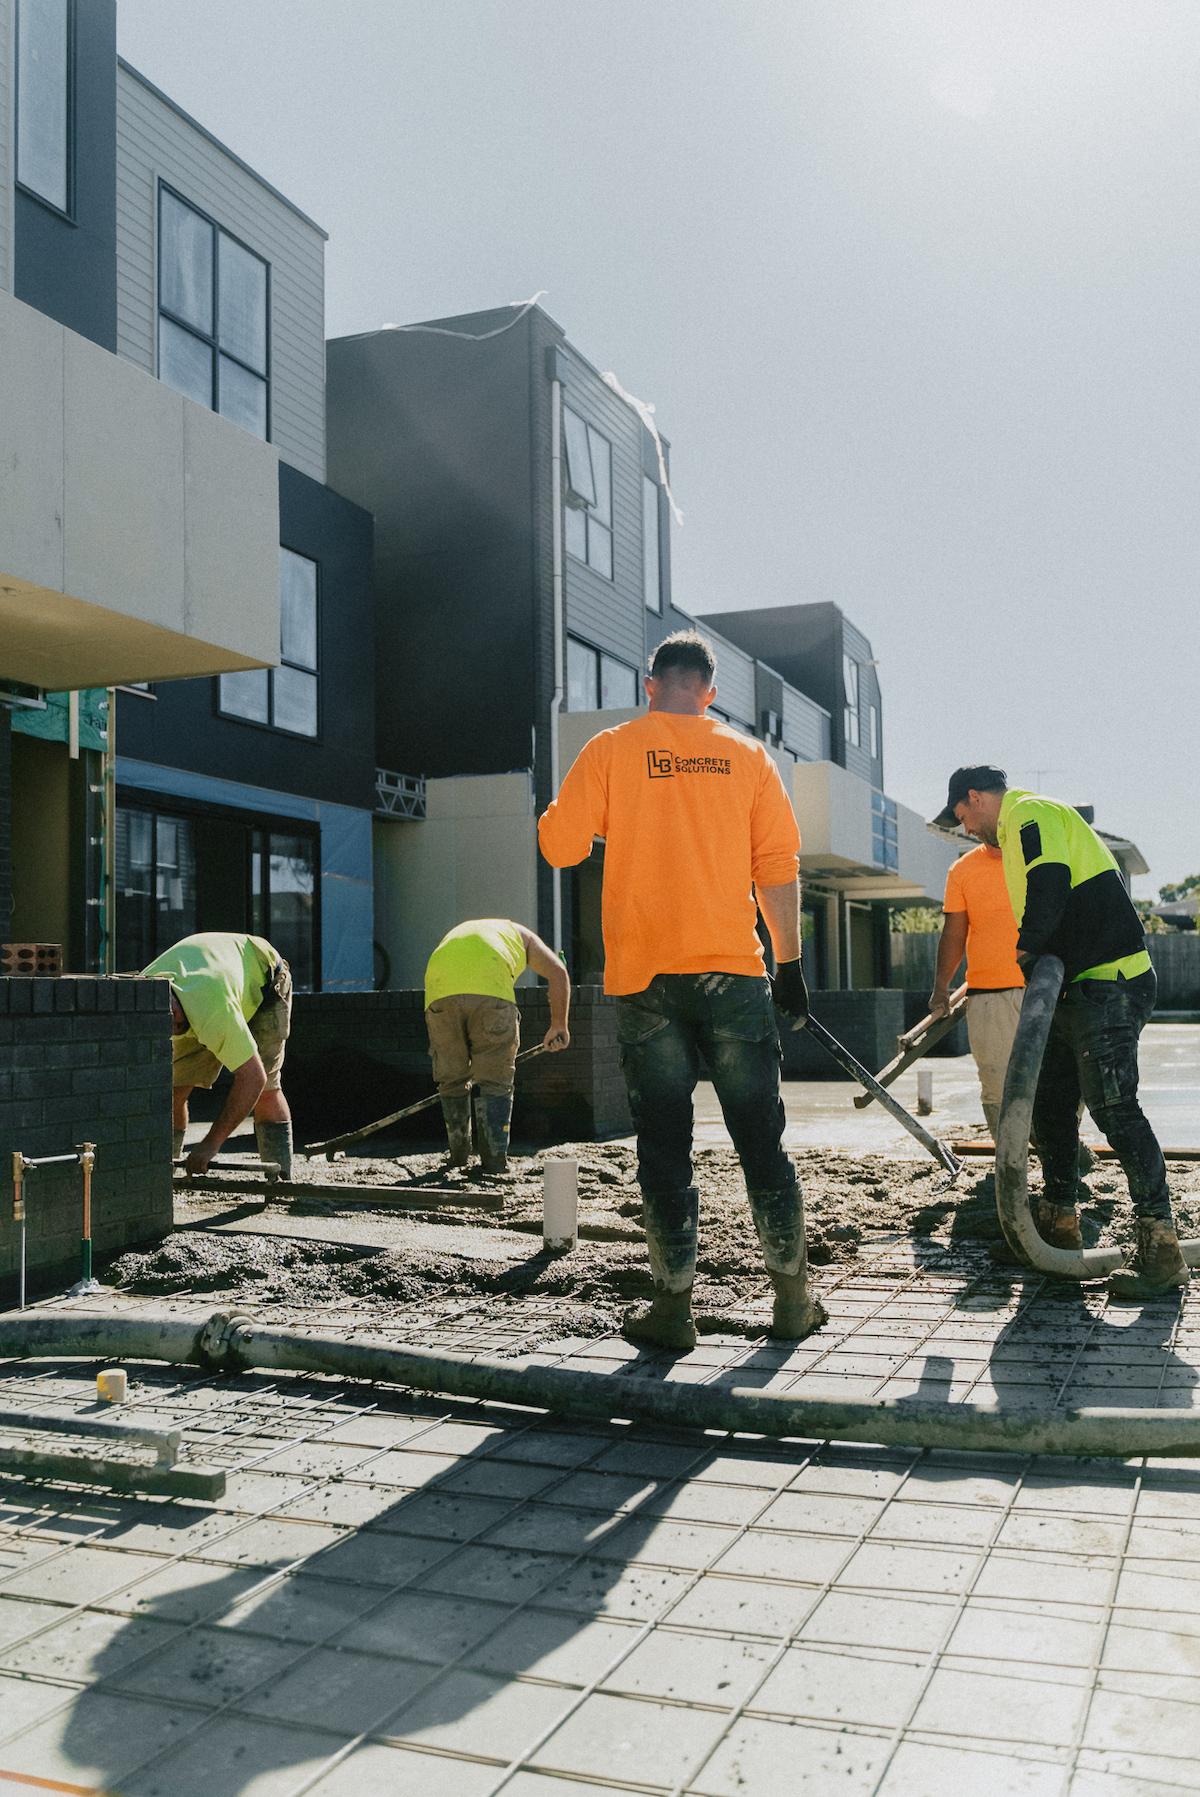 Commercial concrete pavement onstruction